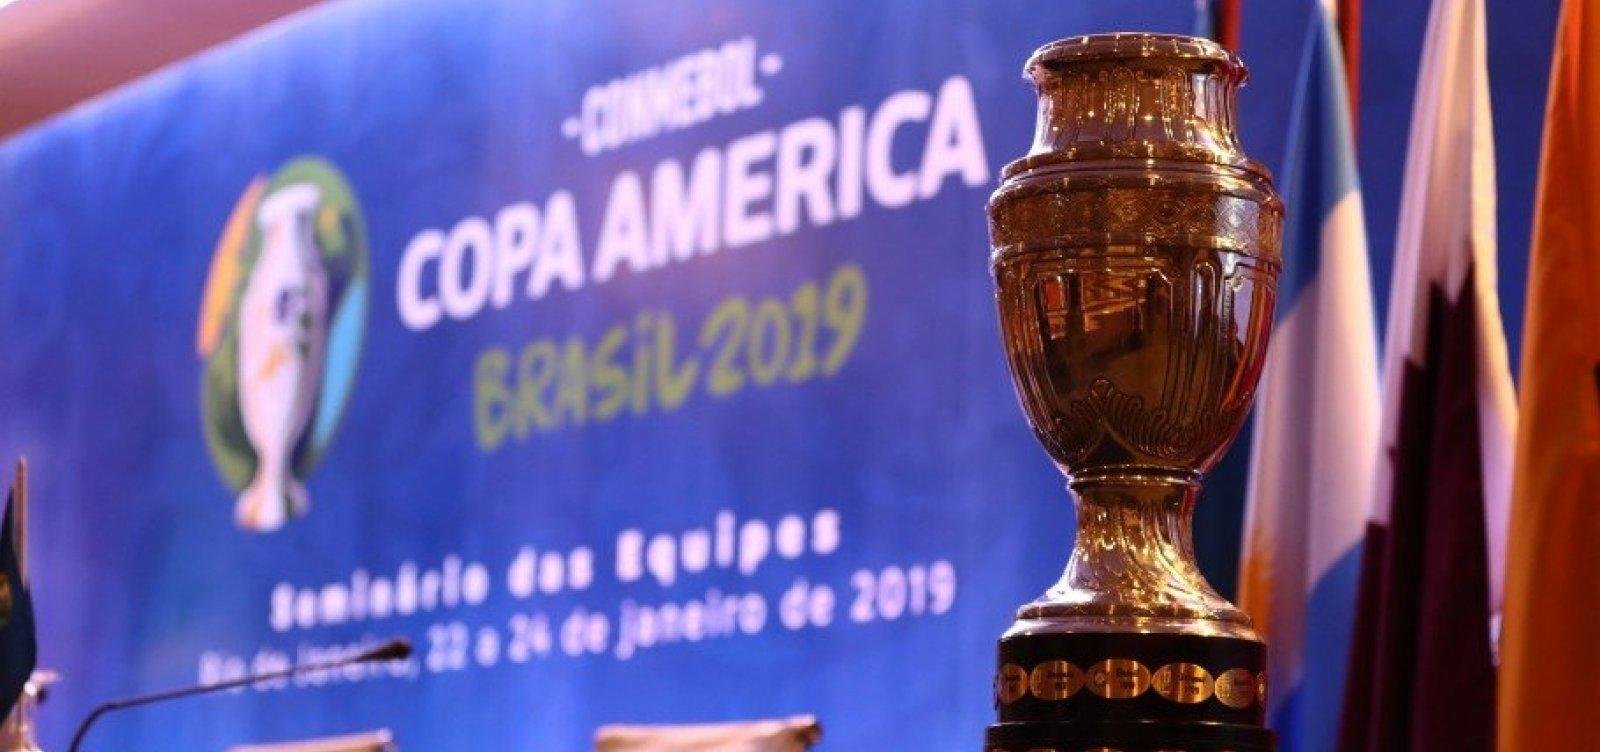 [Torcedores violentos serão barrados no Brasil durante a Copa América]